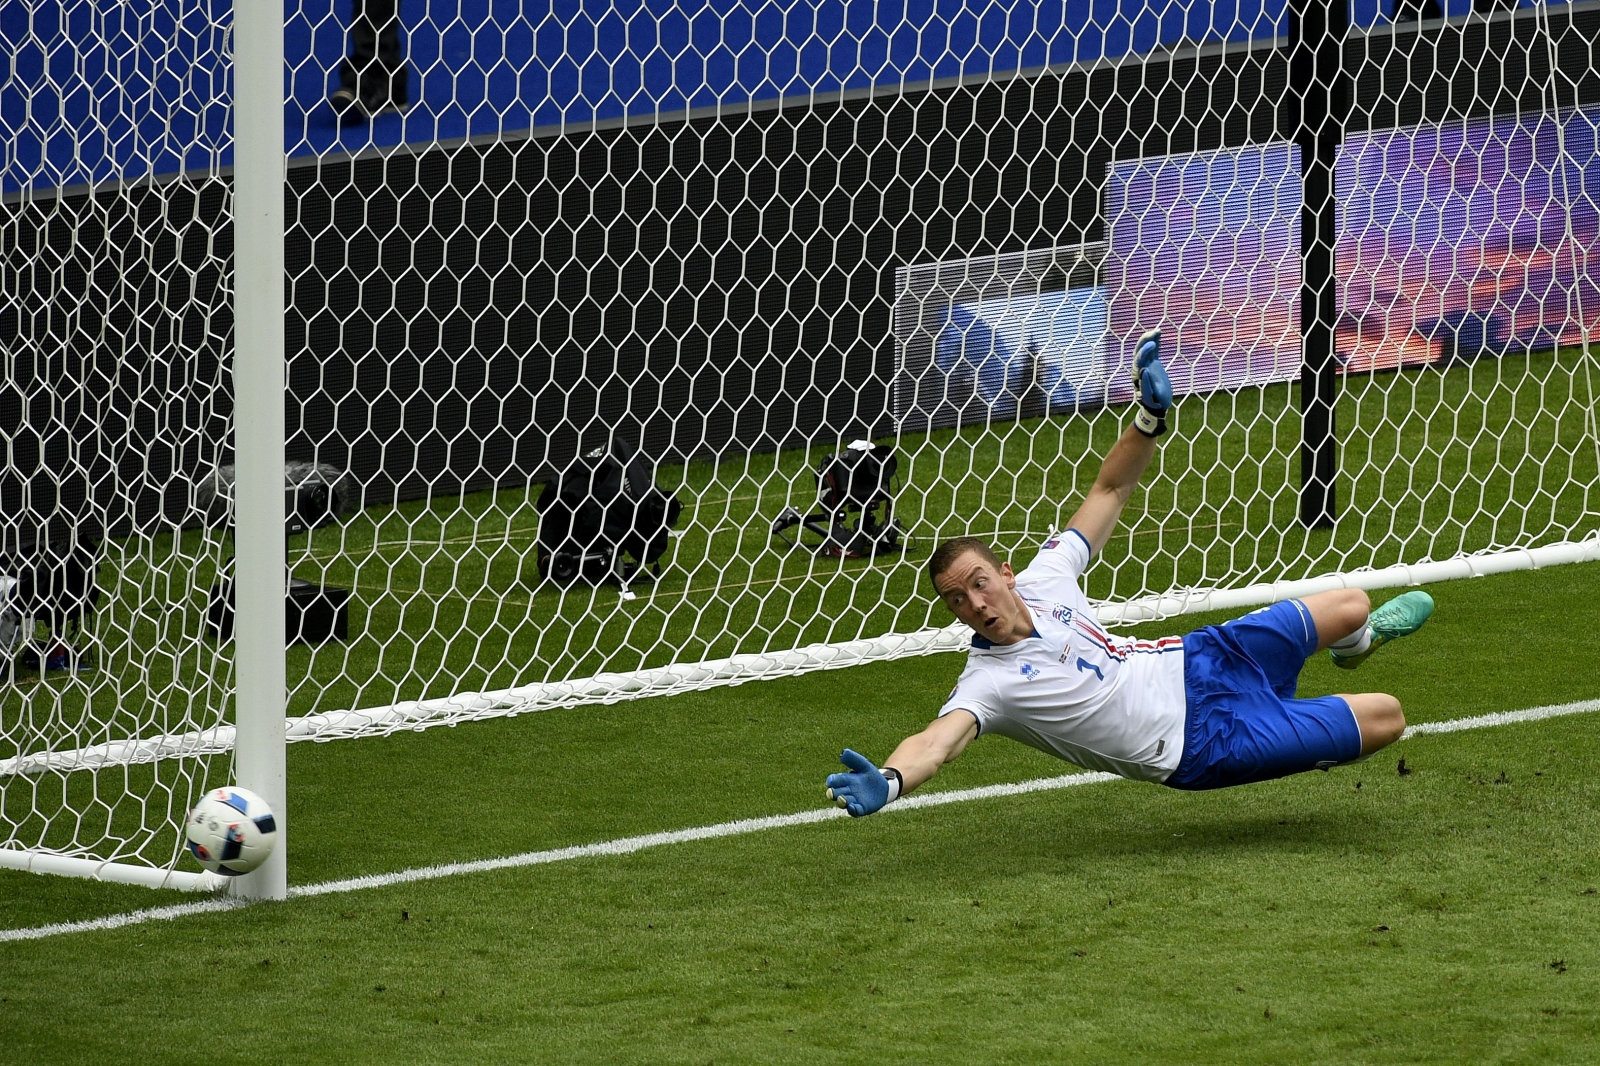 Austria's penalty strikes the post